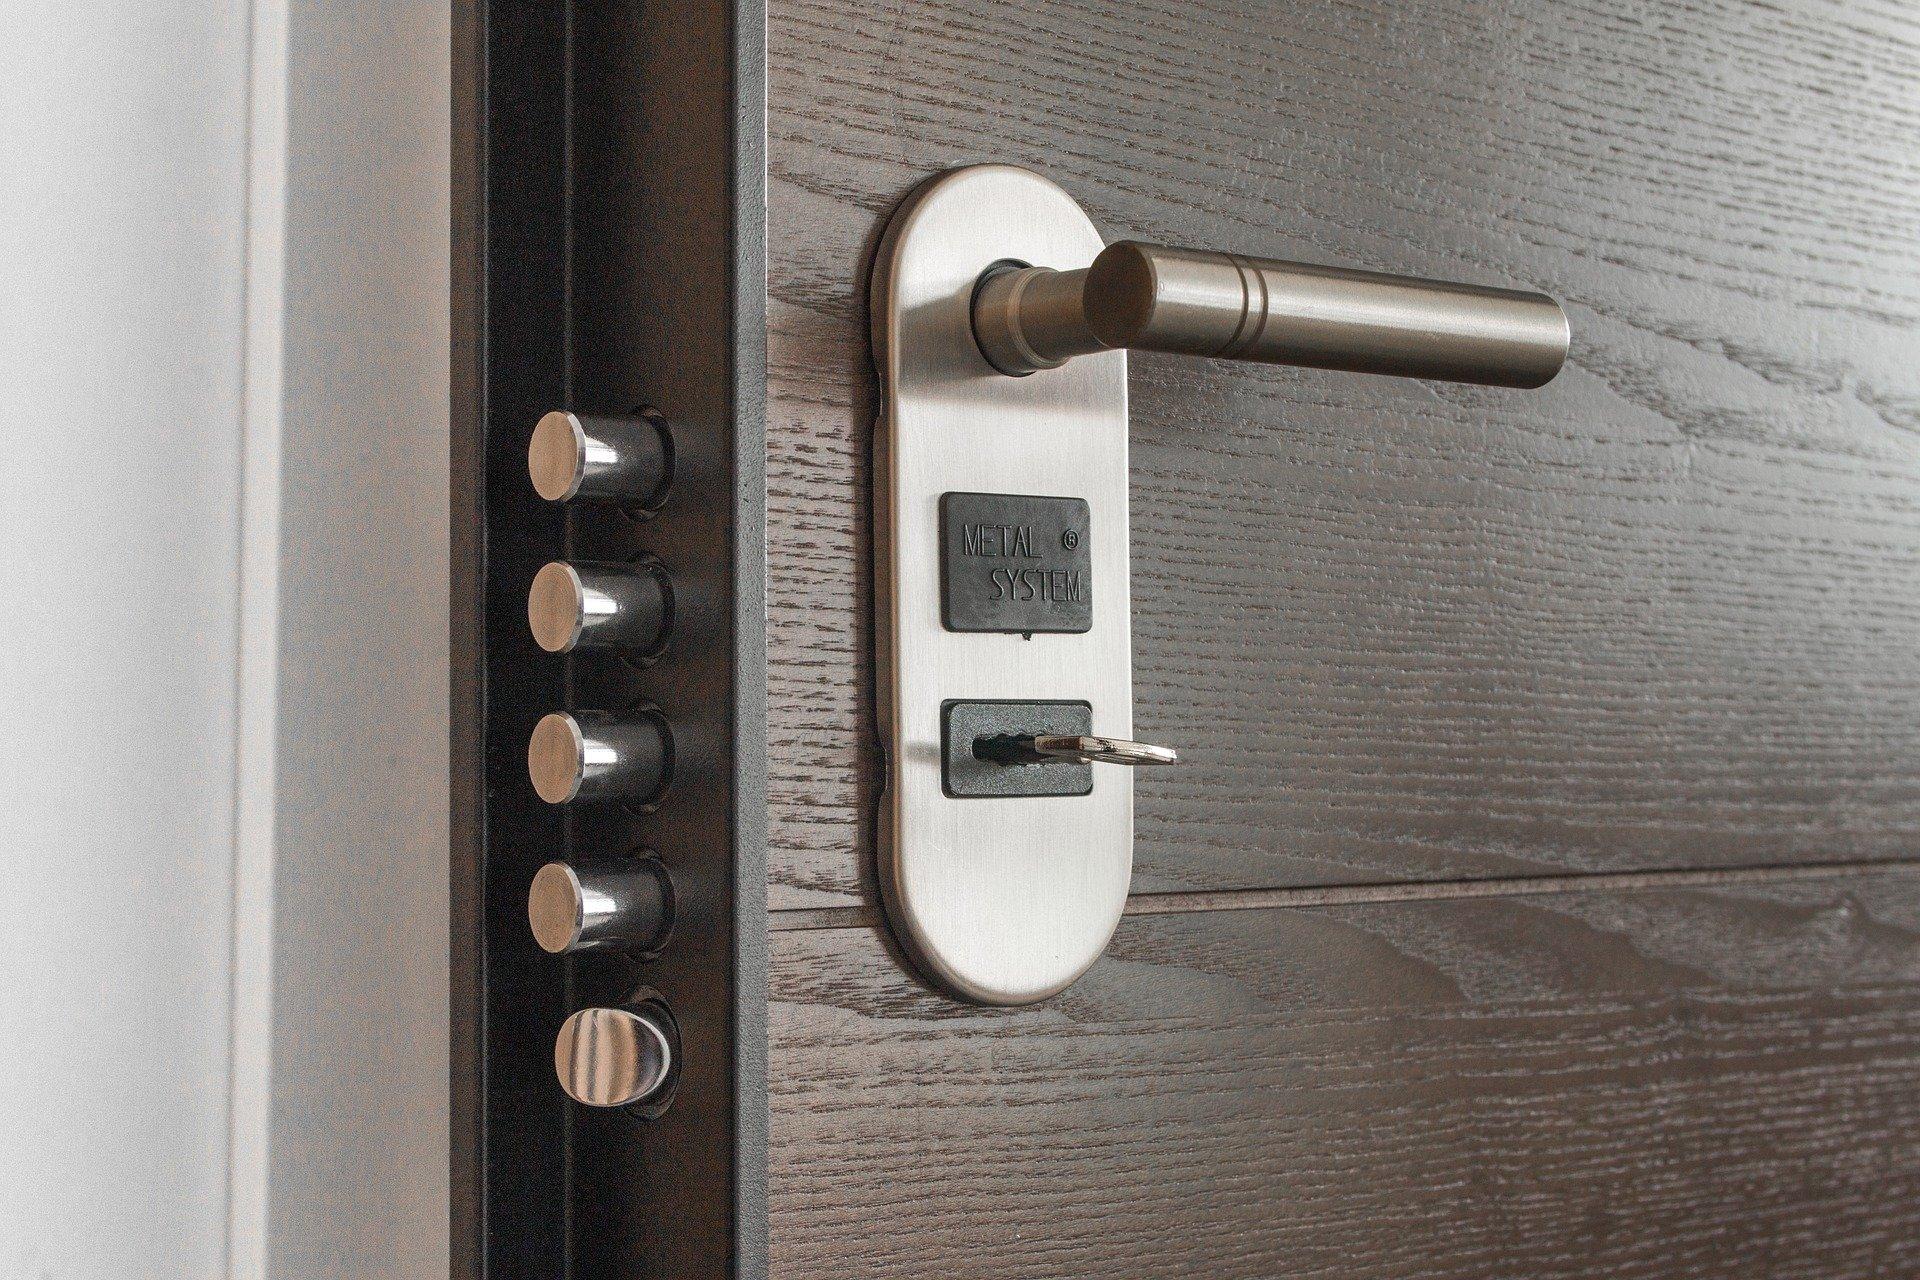 Furti in appartamento: Se noti colla sulla serratura segnalalo alla Polizia!